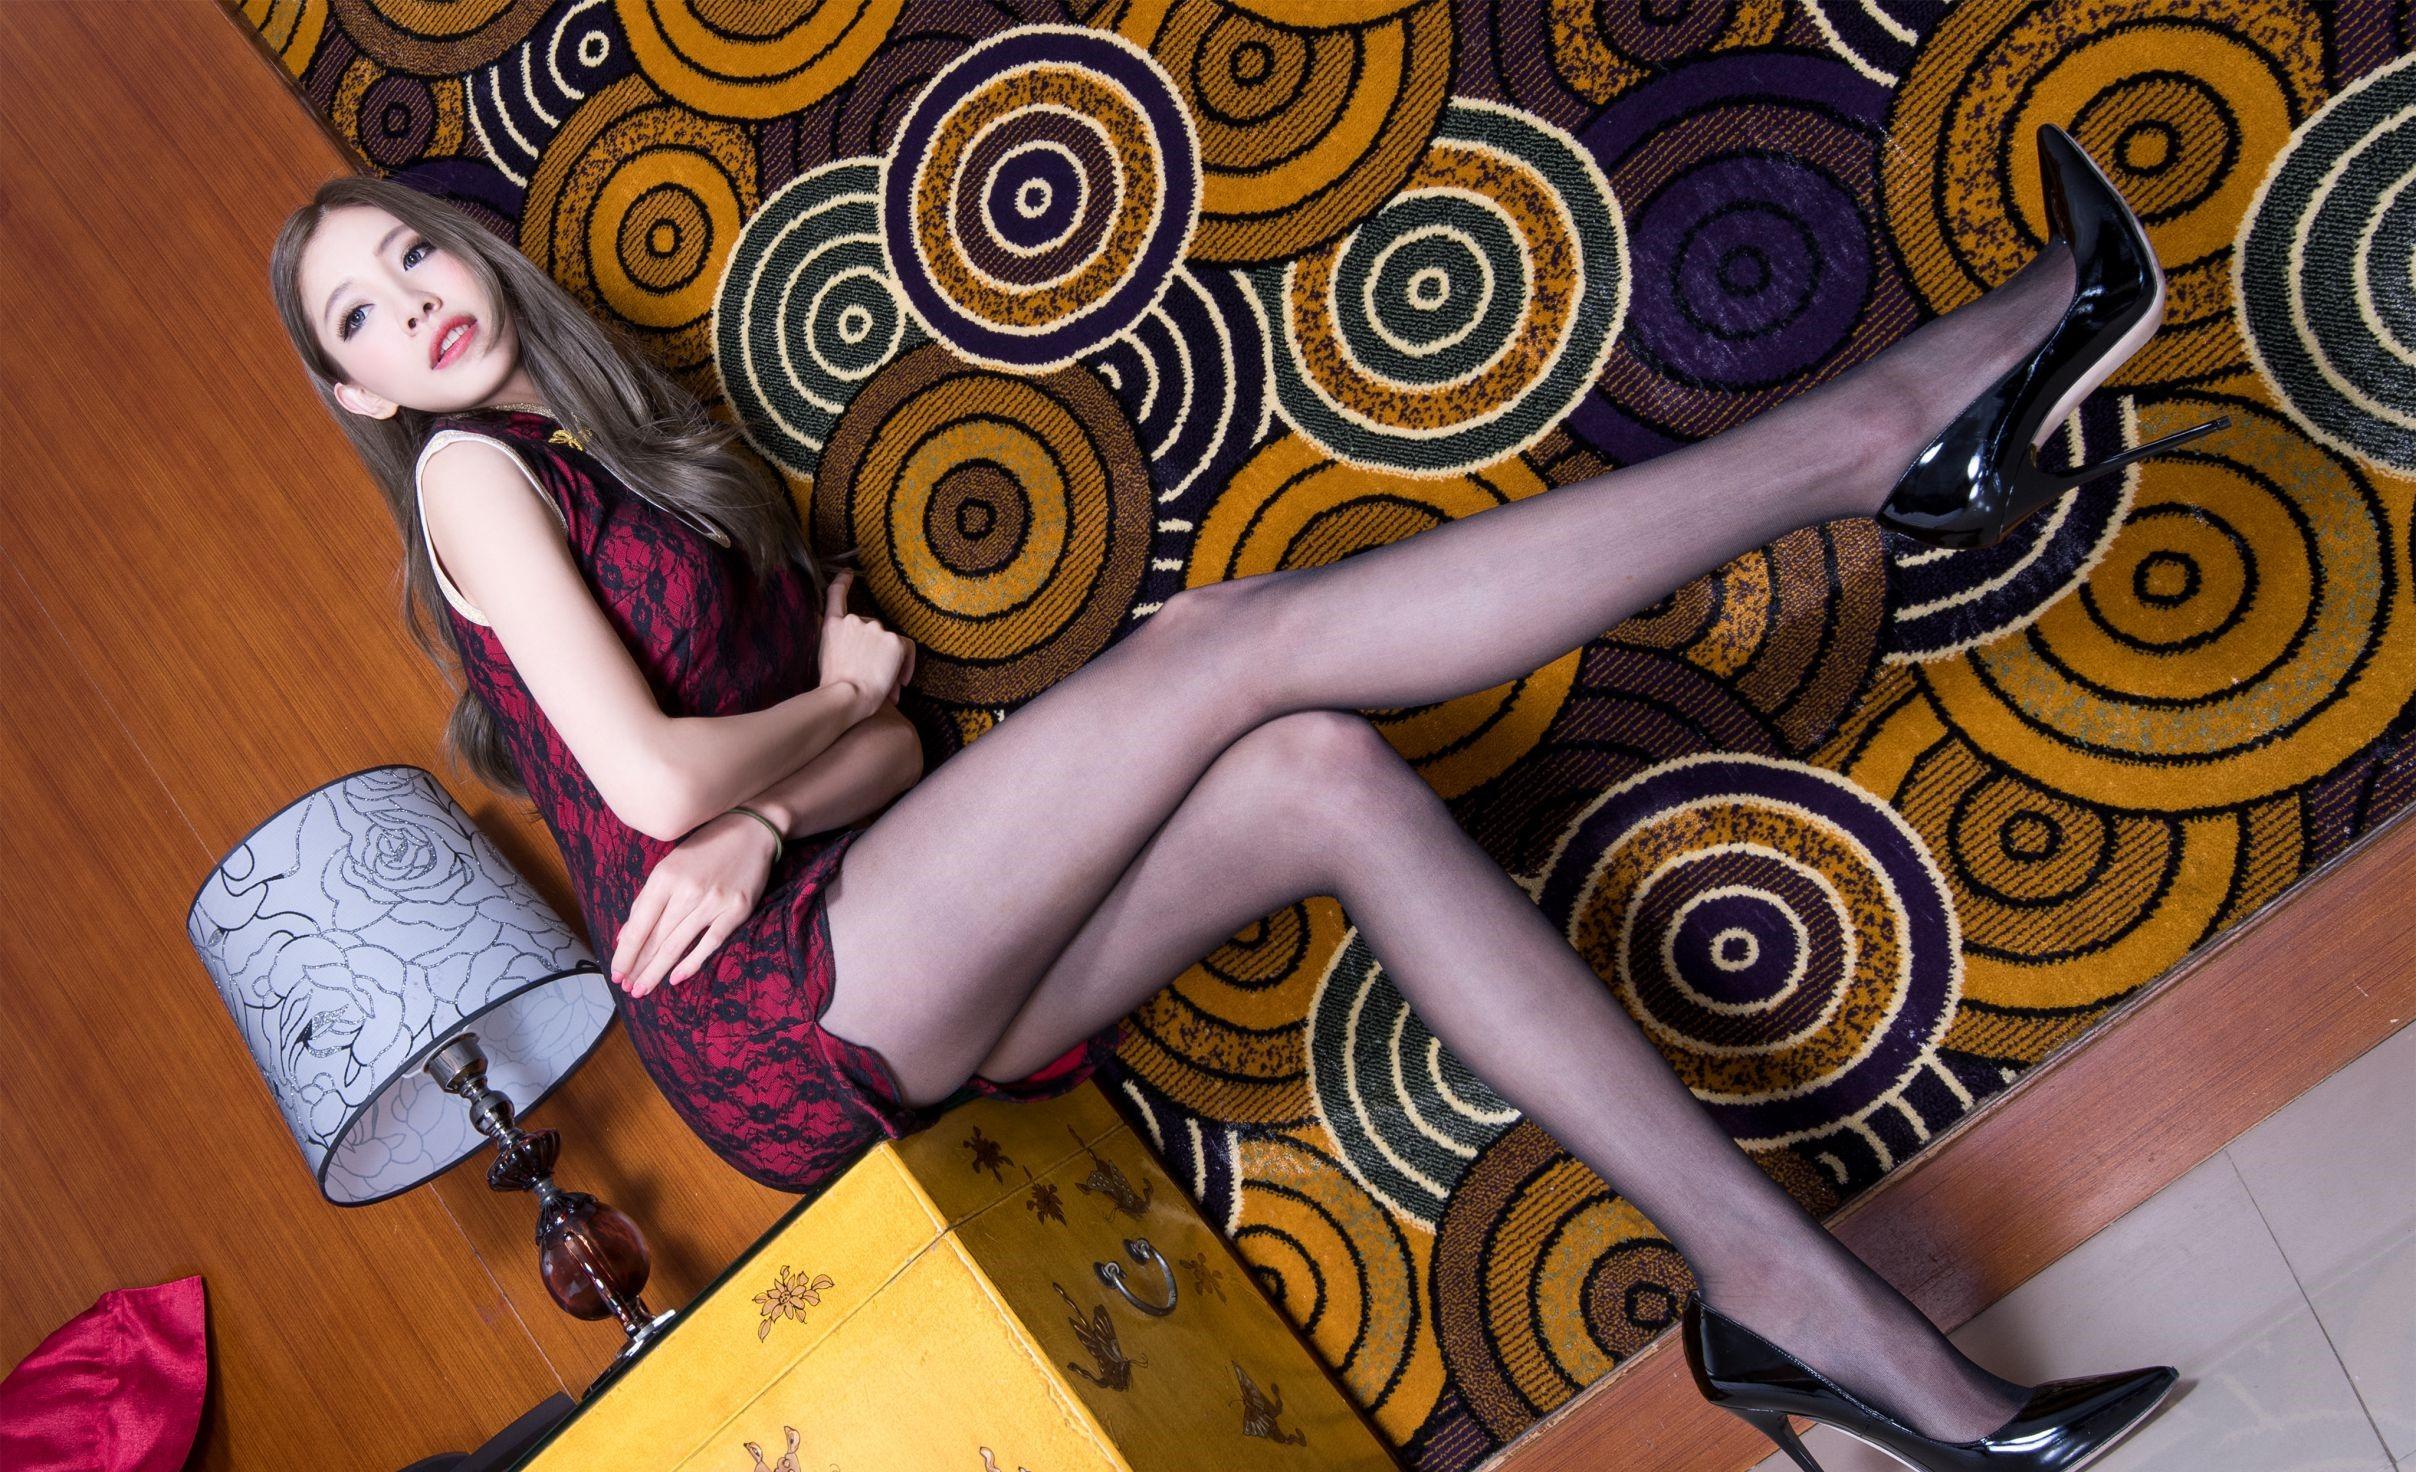 パンスト脚を見せつけるチャイナ美女 10